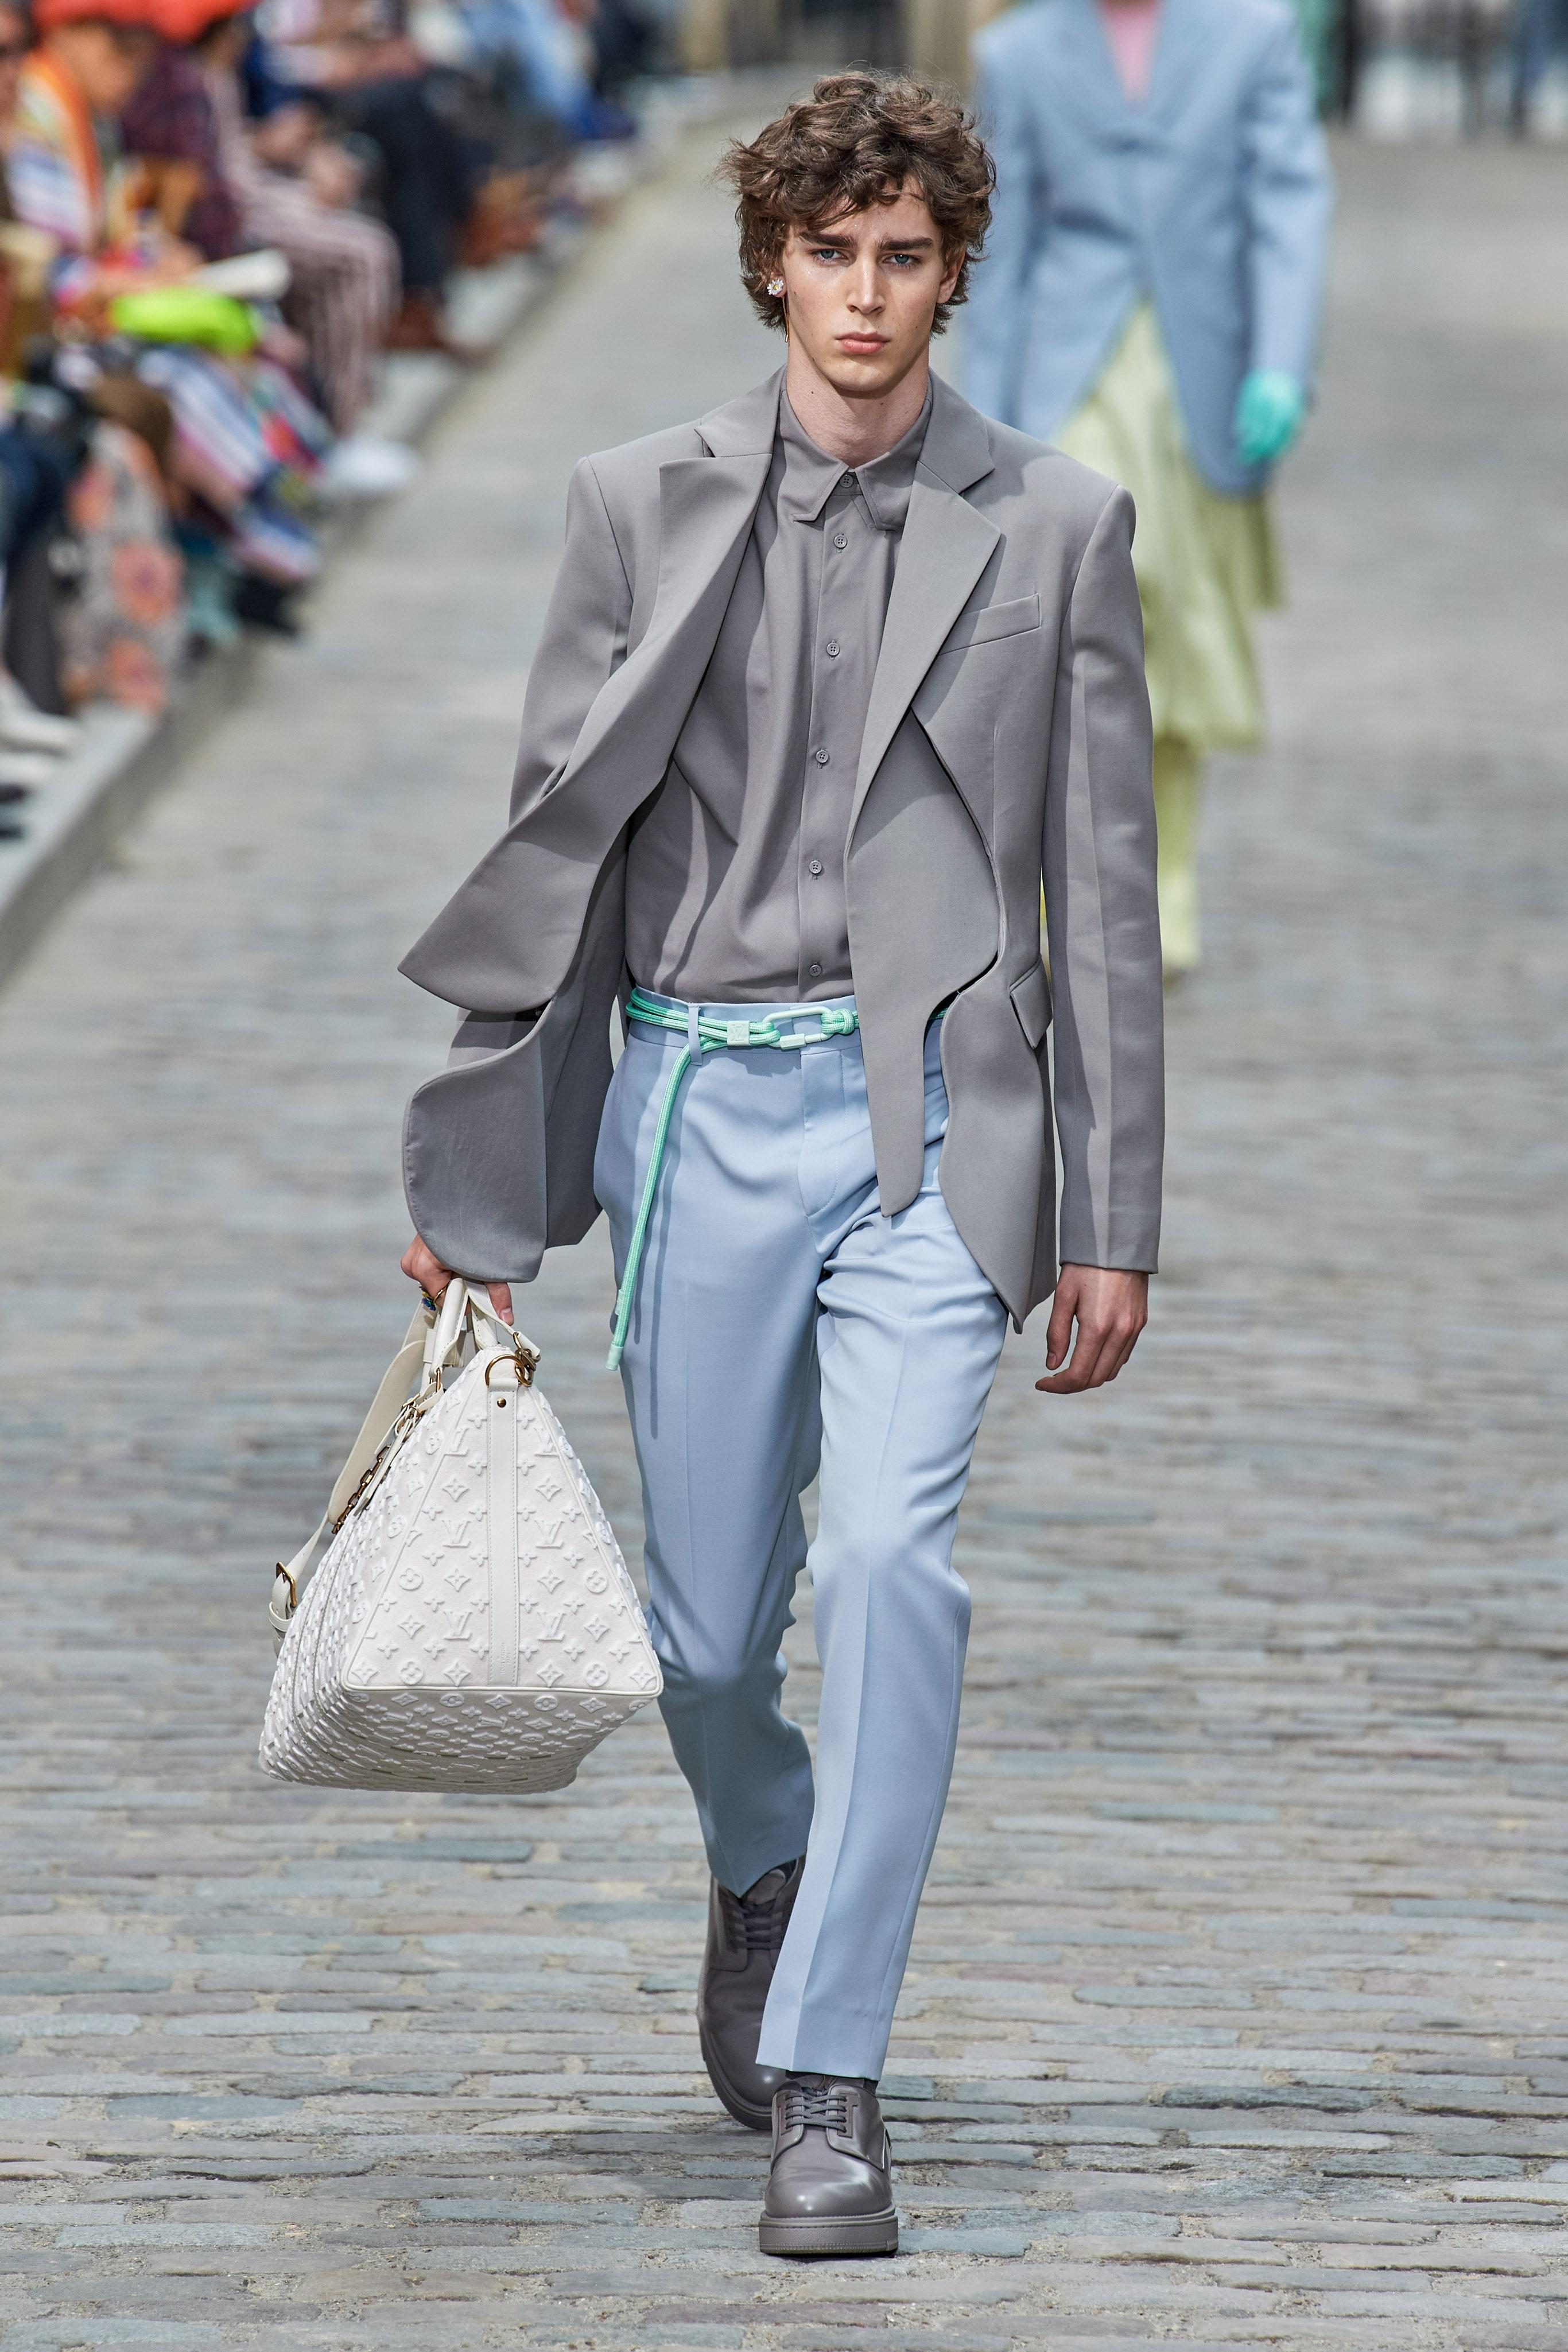 trang phuc pastel - elle man style calendar - 0621 - suit louis vuitton ss20